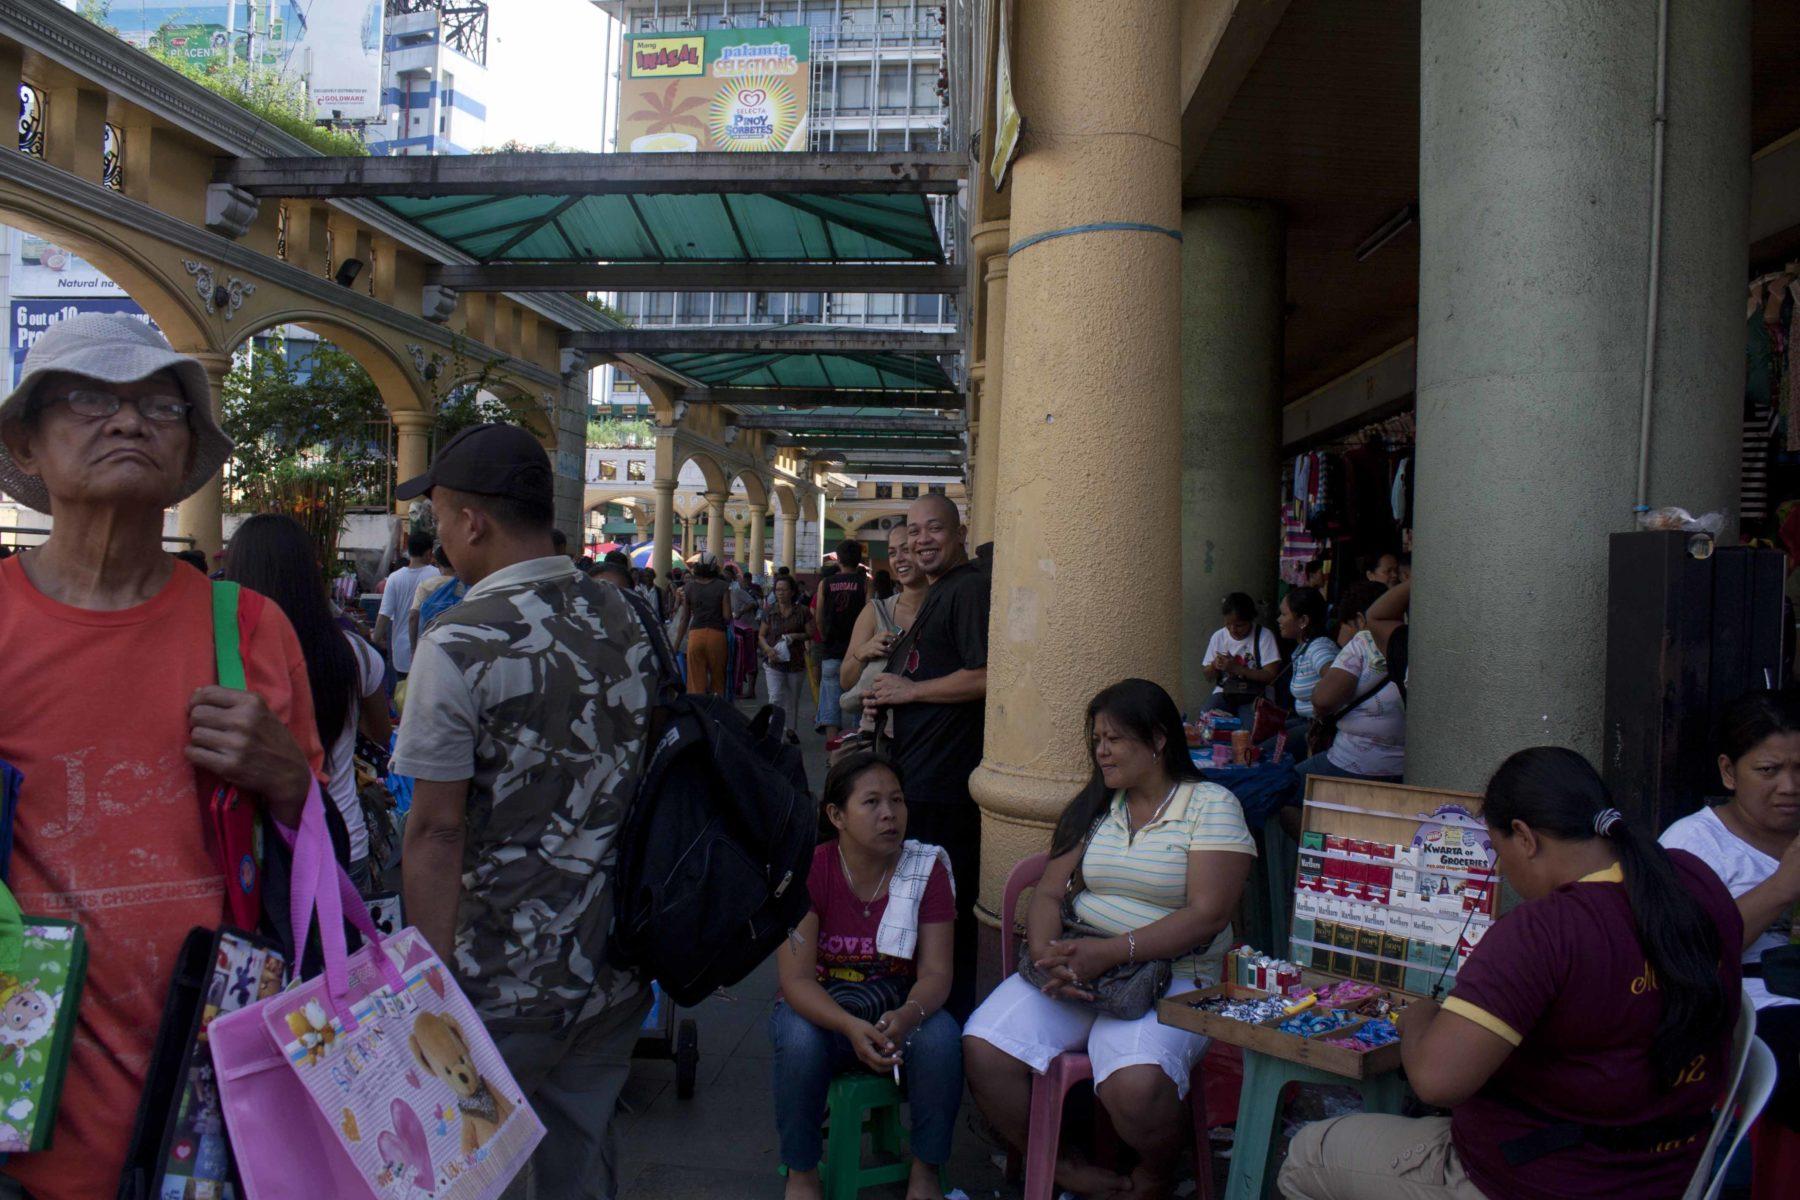 Frauen suchen männer manila